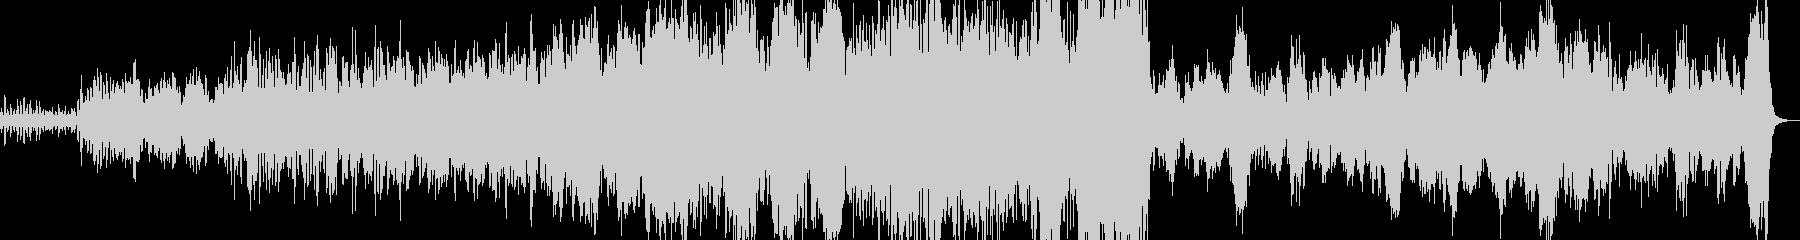 ワルツ 弦楽器主体のオーケストラの未再生の波形